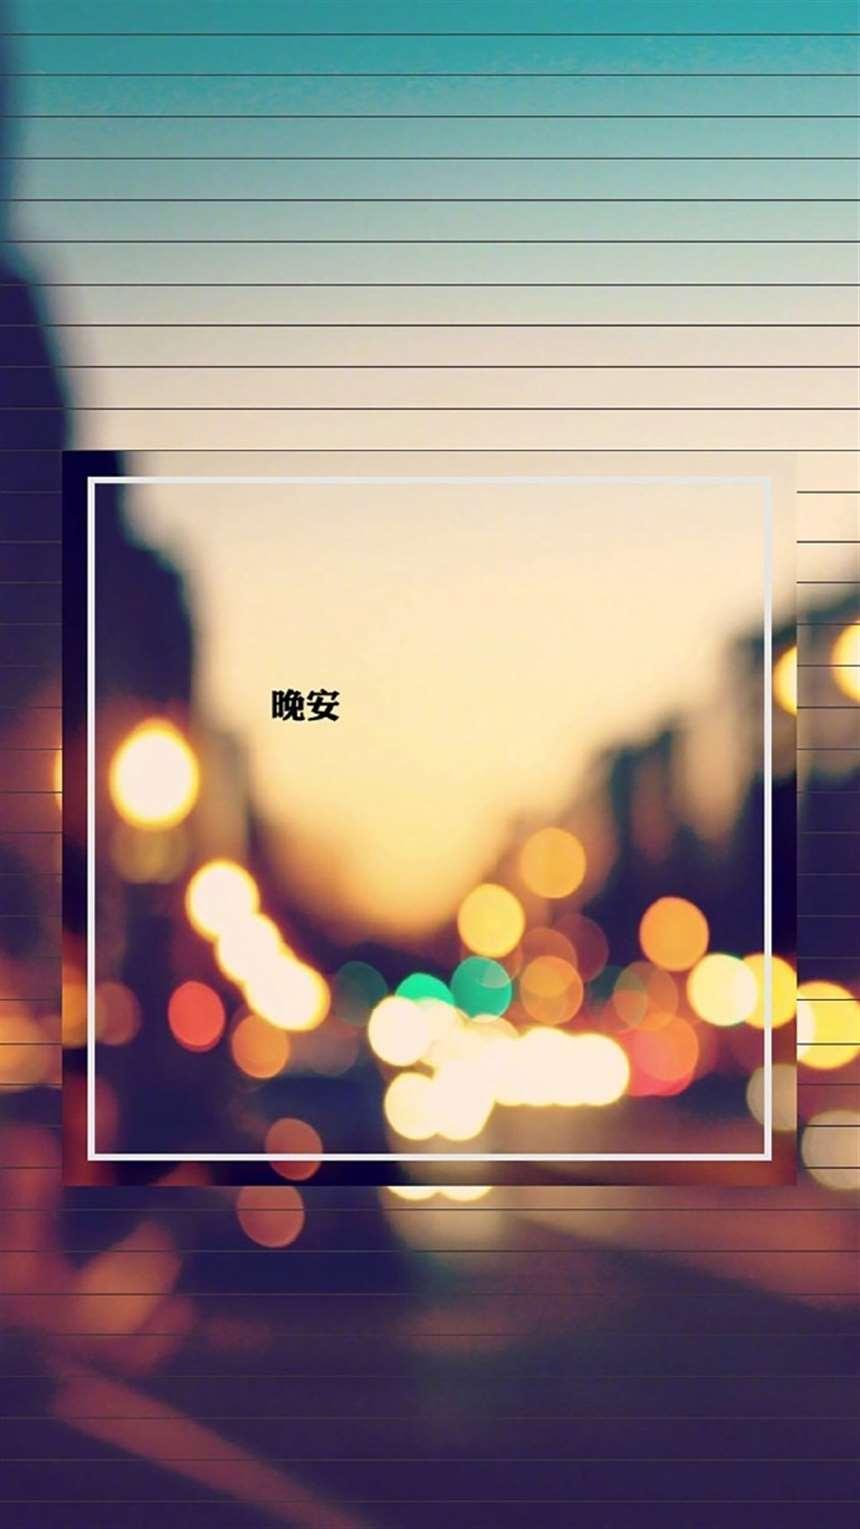 带文字晚安的唯美图片#小清新_配图大全